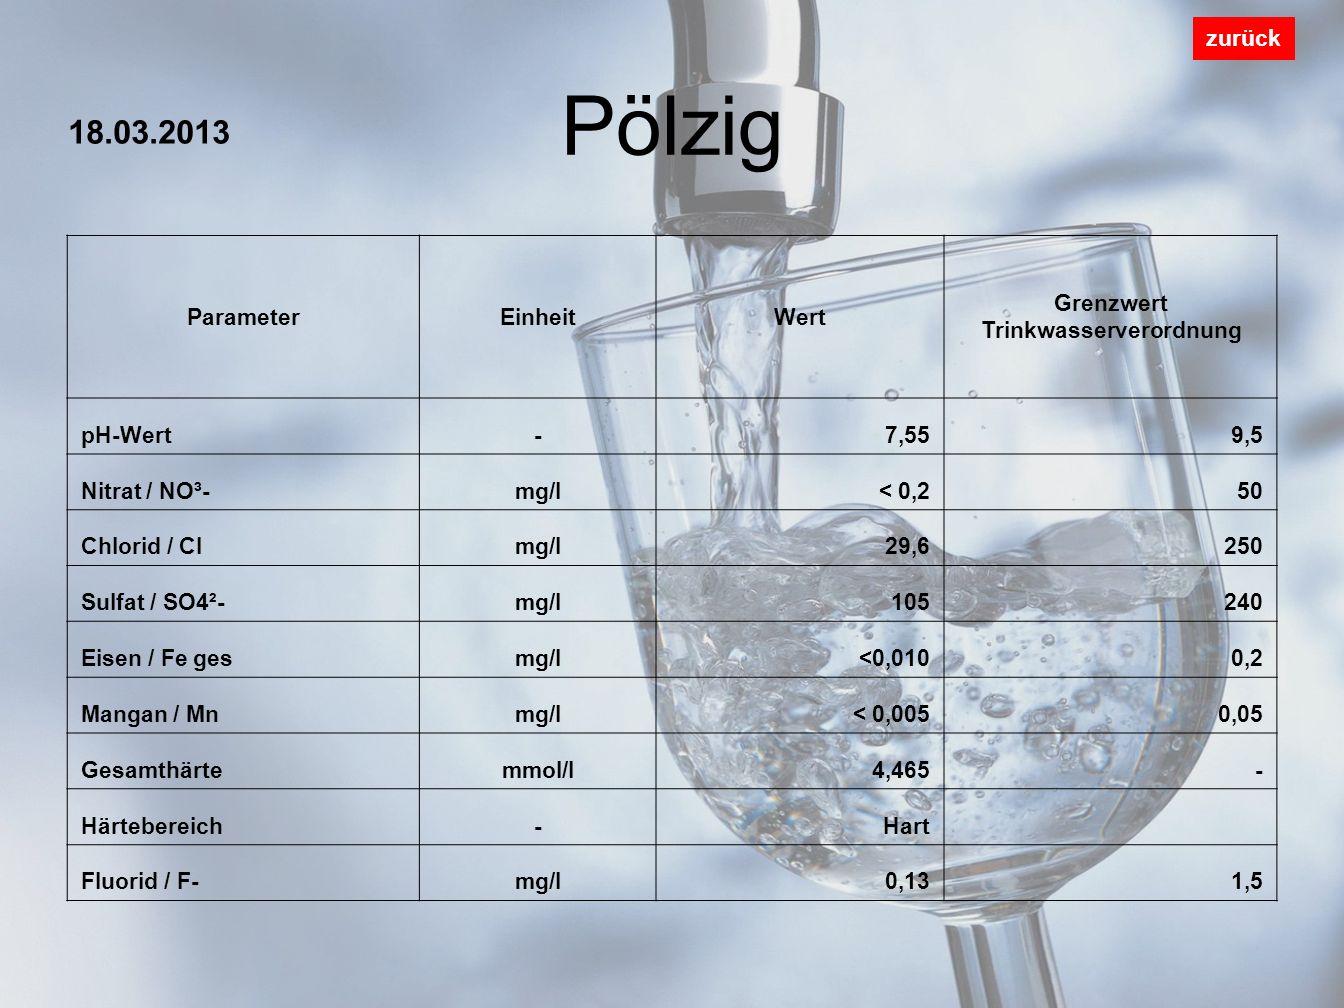 Leibis 90% - Caaschwitz 10% zurück ParameterEinheitWert Grenzwert Trinkwasserverordnung pH-Wert-7,879,5 Nitrat / NO³-mg/l4,350 Chlorid / Clmg/l27,8250 Sulfat / SO4²-mg/l43,1240 Eisen / Fe gesmg/l0,0190,2 Mangan / Mnmg/l0,0050,05 Gesamthärtemmol/l1,243- Härtebereich-Weich Fluorid / F-mg/l0,071,5 17.06.2013